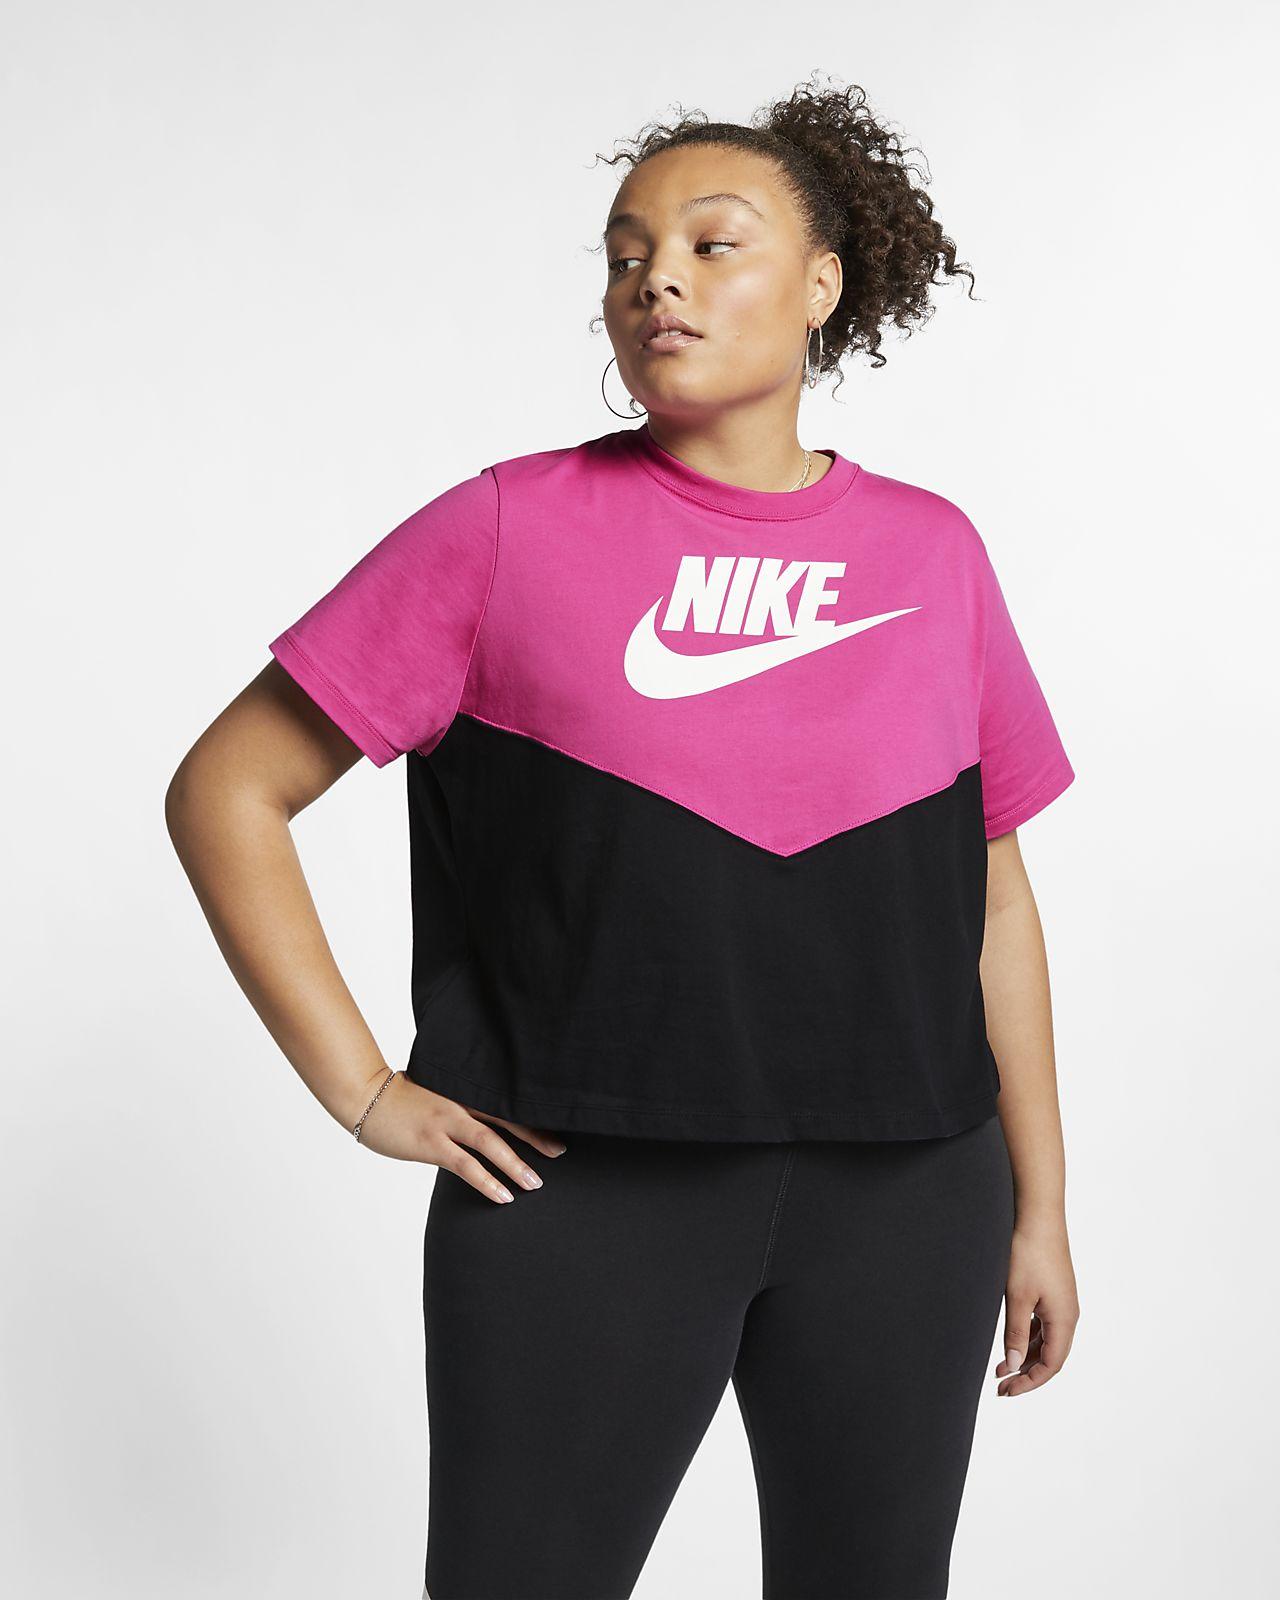 478bd0b3 Nike Sportswear Heritage Women's Short-Sleeve Top (Plus Size). Nike.com